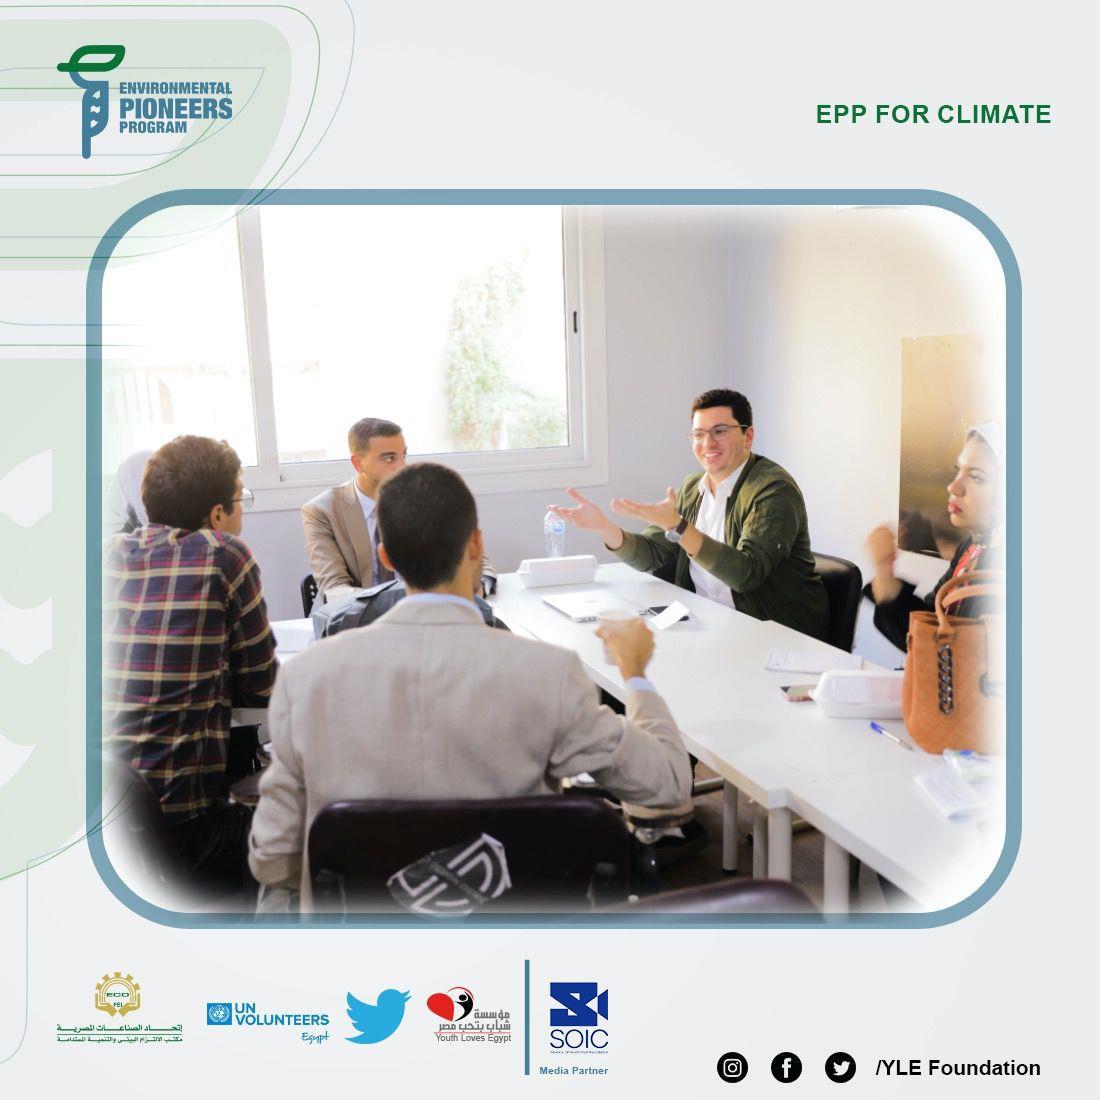 """انطلاق المرحلة الثانية من برنامج """"رواد البيئة"""" المعني بتمكين الشباب لمواجهة التغيرات المناخية"""